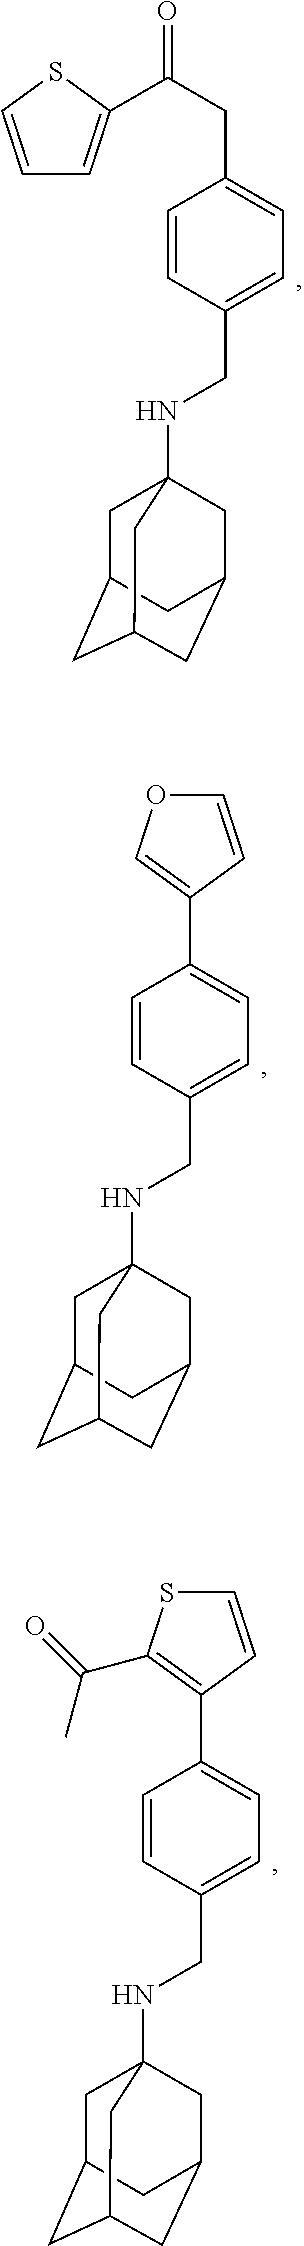 Figure US09884832-20180206-C00112